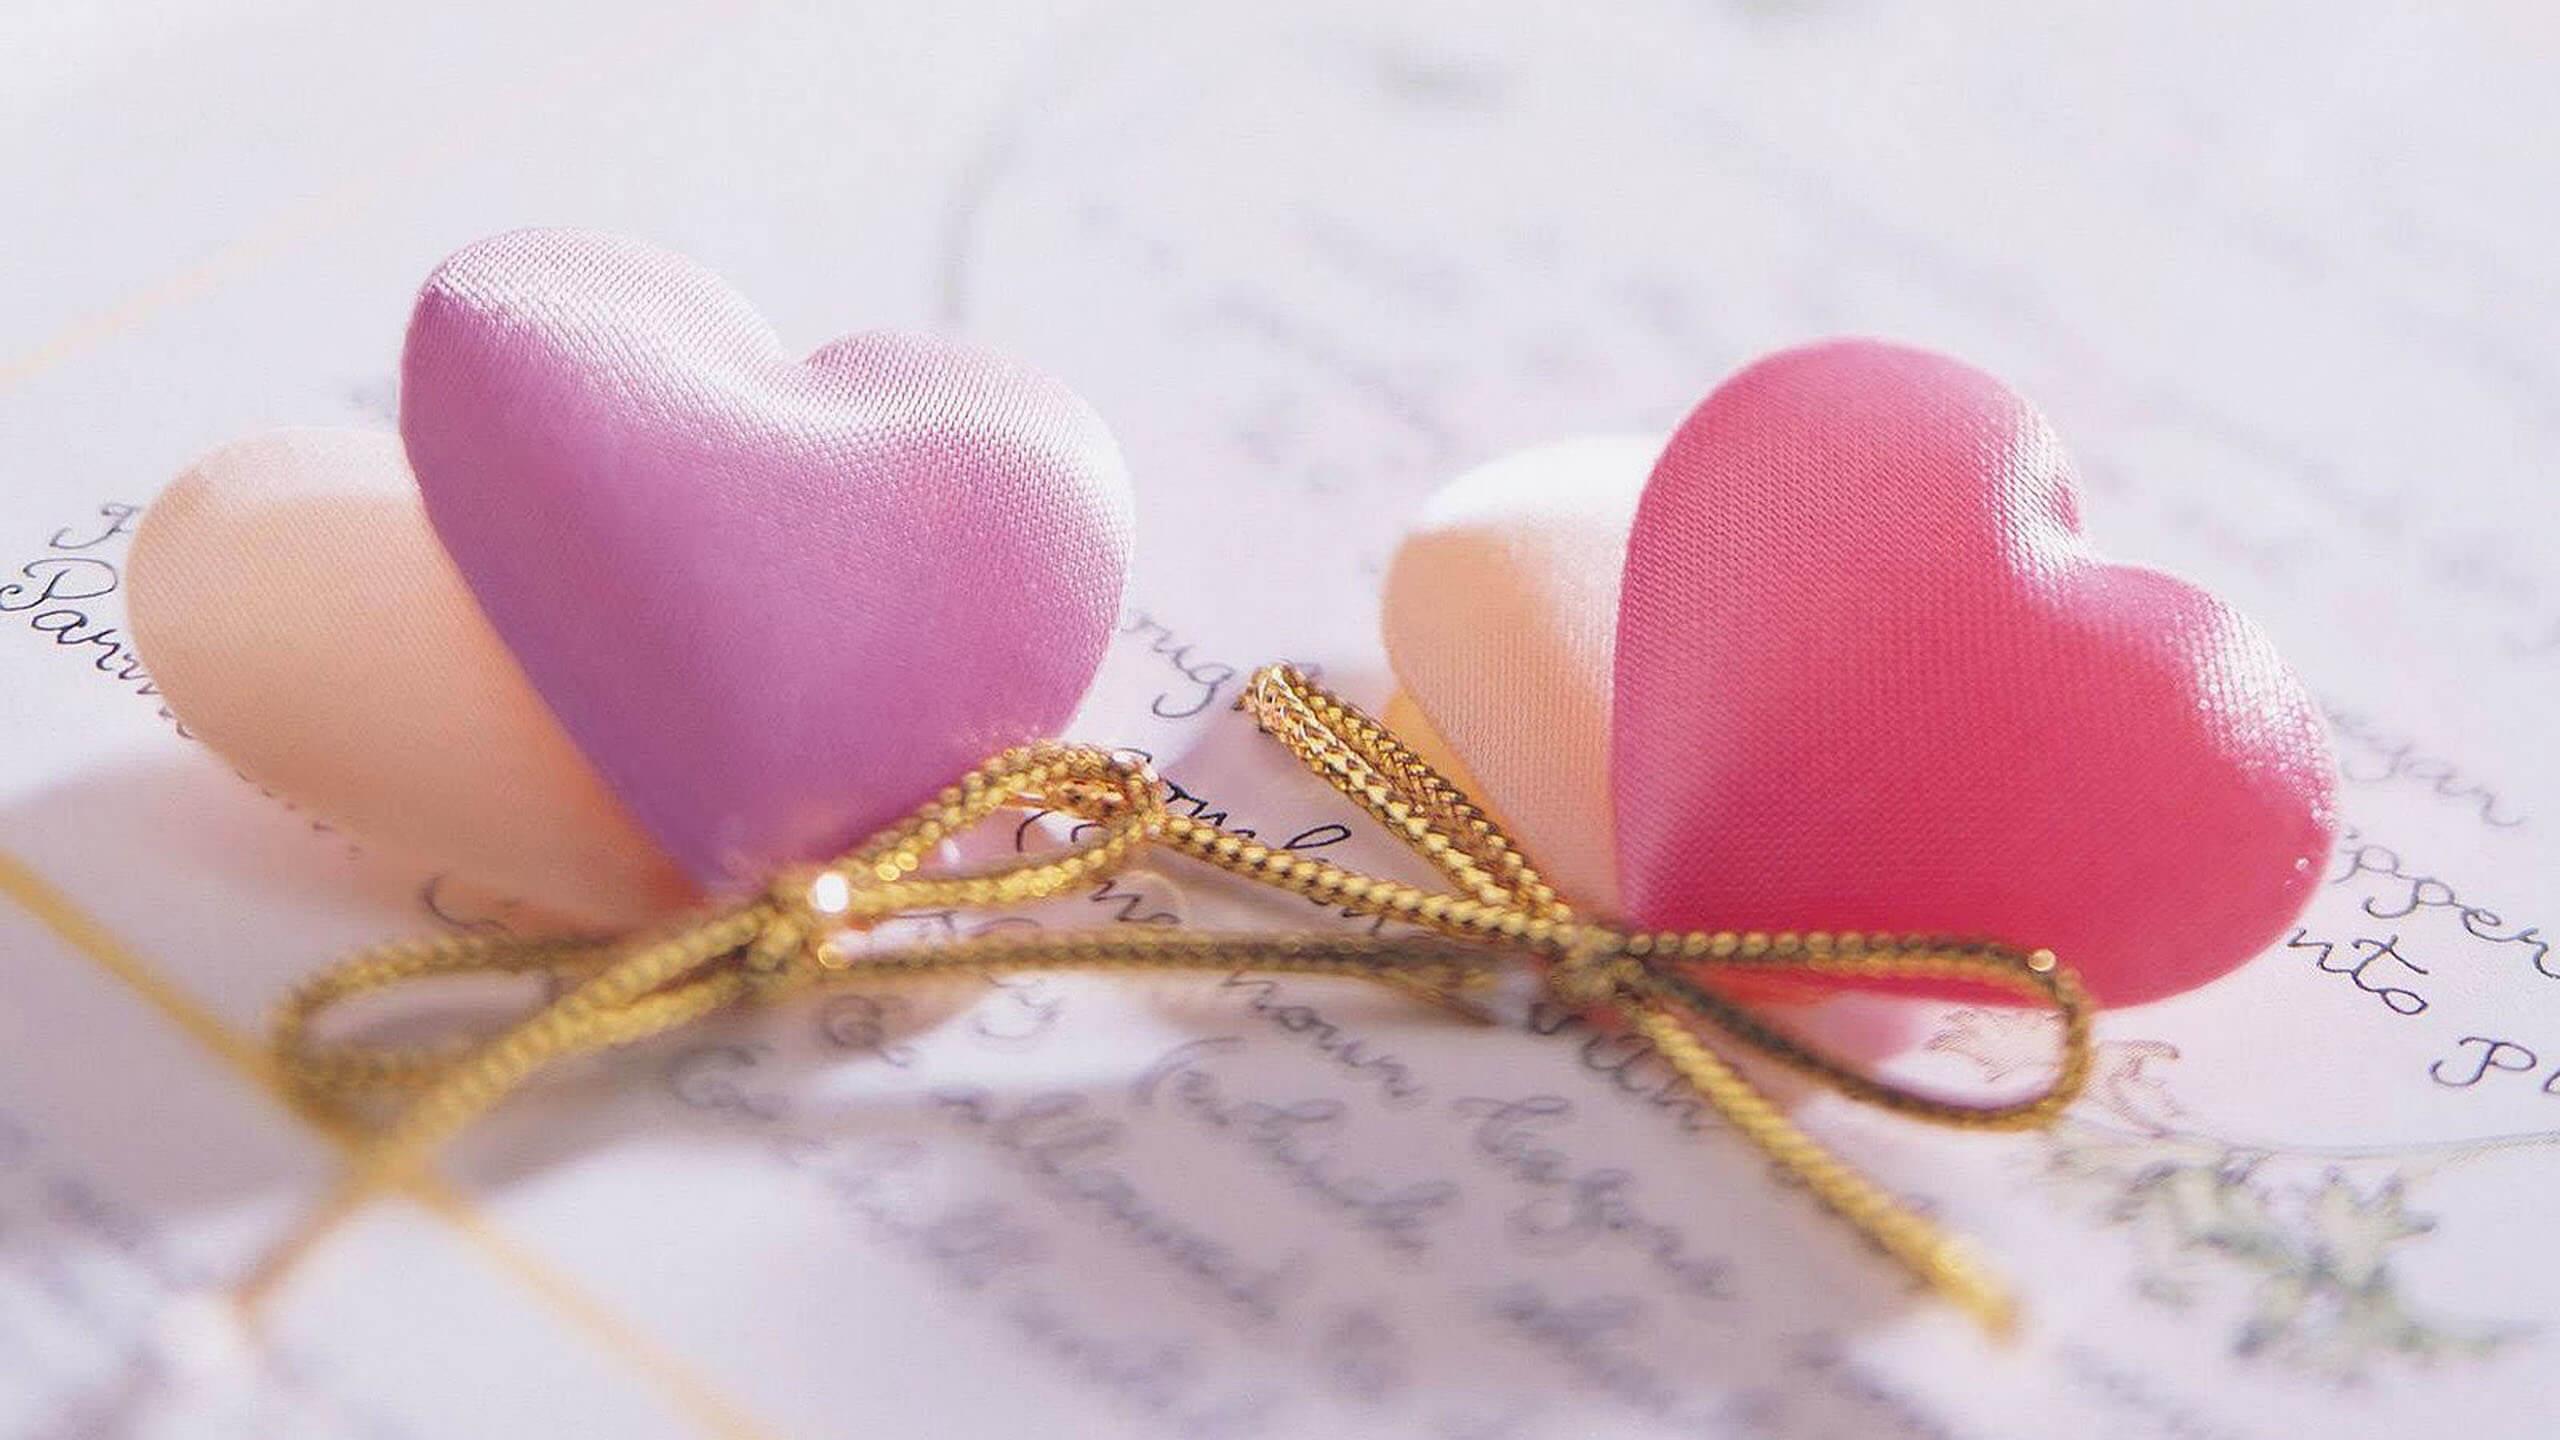 Милые и романтические картинки для любимой - скачать (20 фото) 3